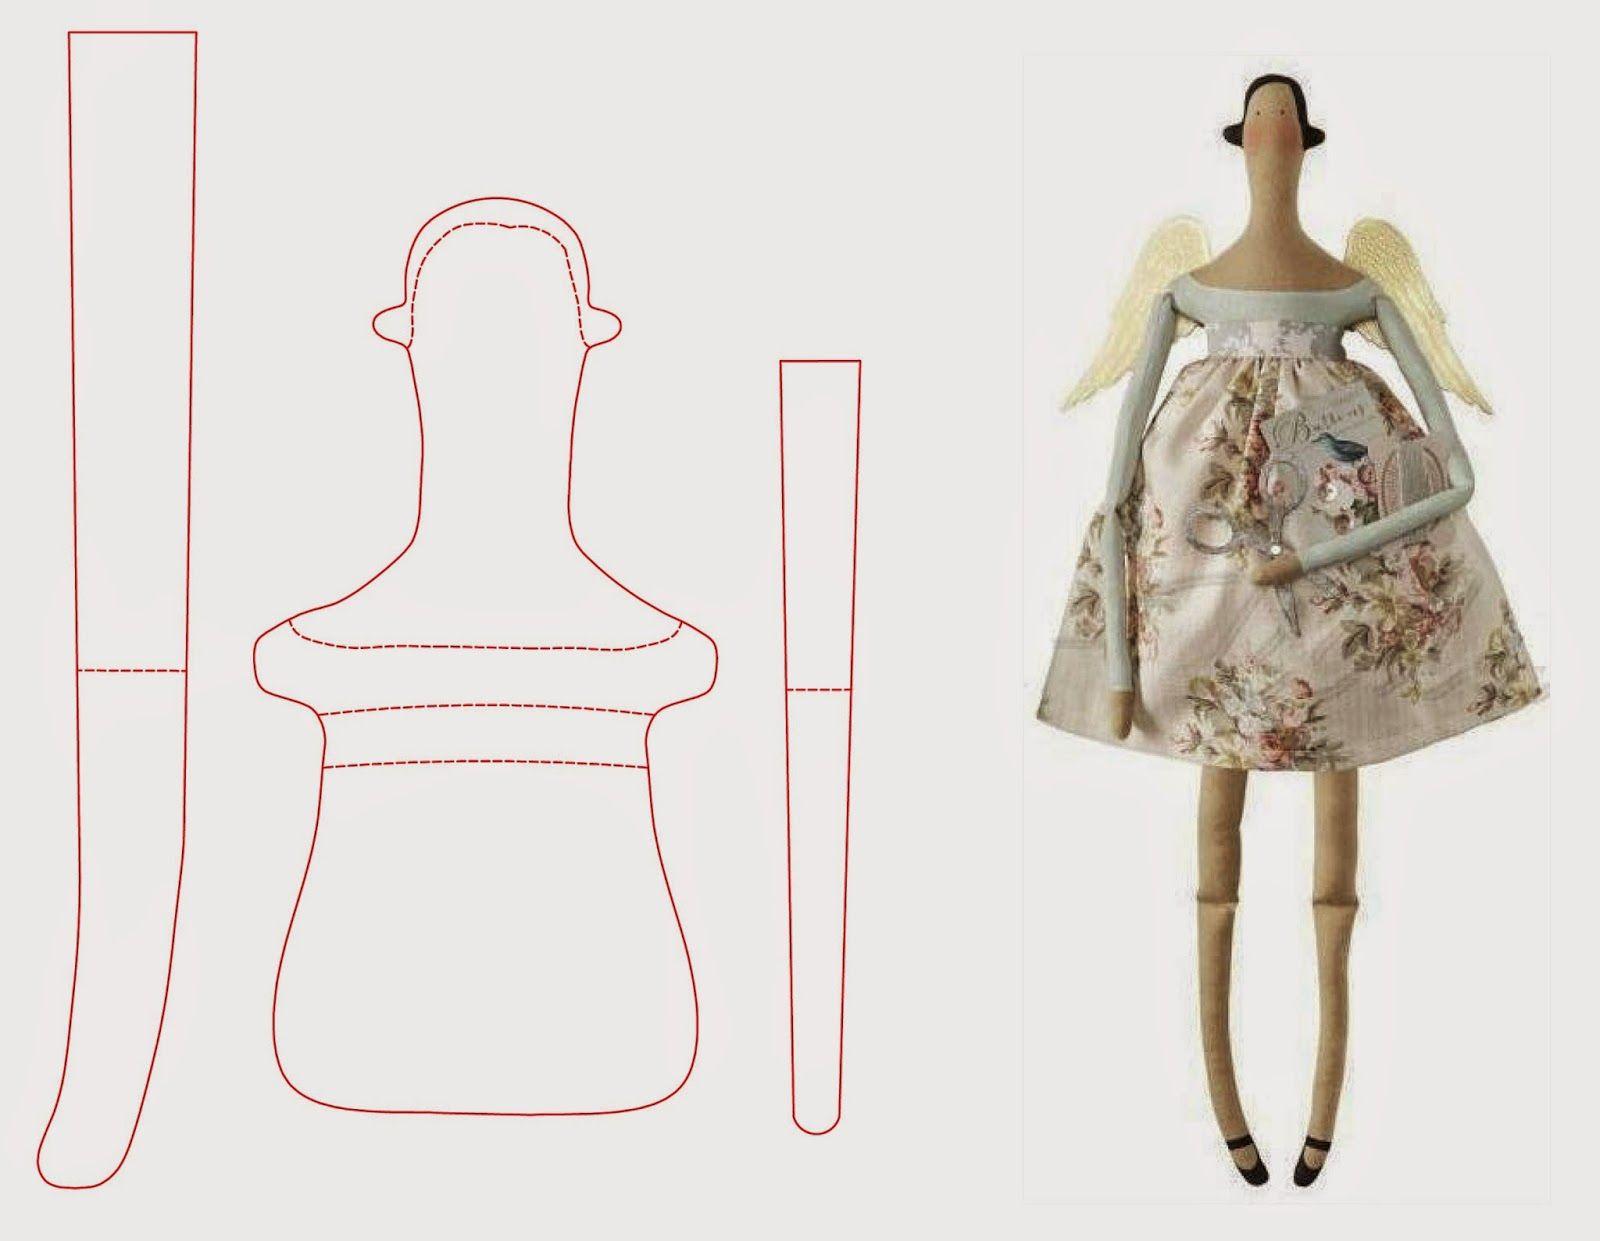 Такая поделка внесет гармонию в дом! одежда для текстильных кукол своими руками: выкройки